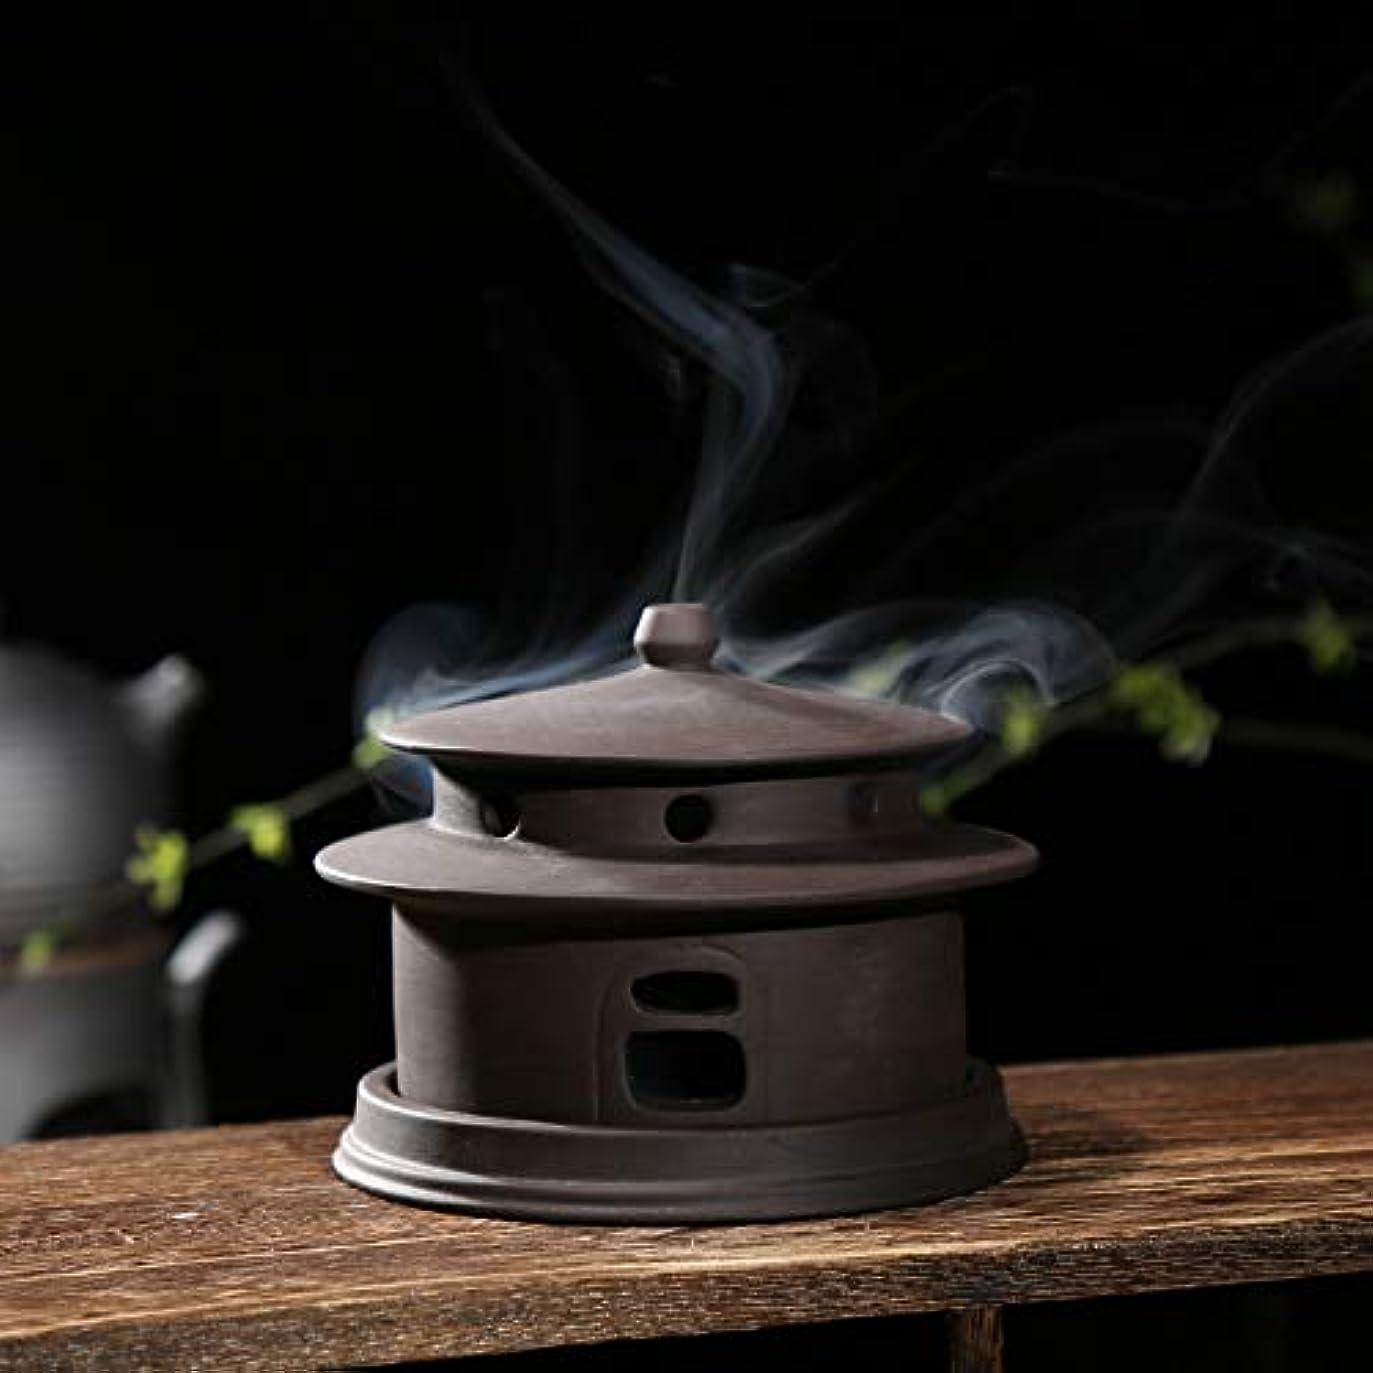 間きょうだいスチールPHILOGOD 陶器香炉 線香立て仏壇用 クリエイティブモデリング手作り 香皿